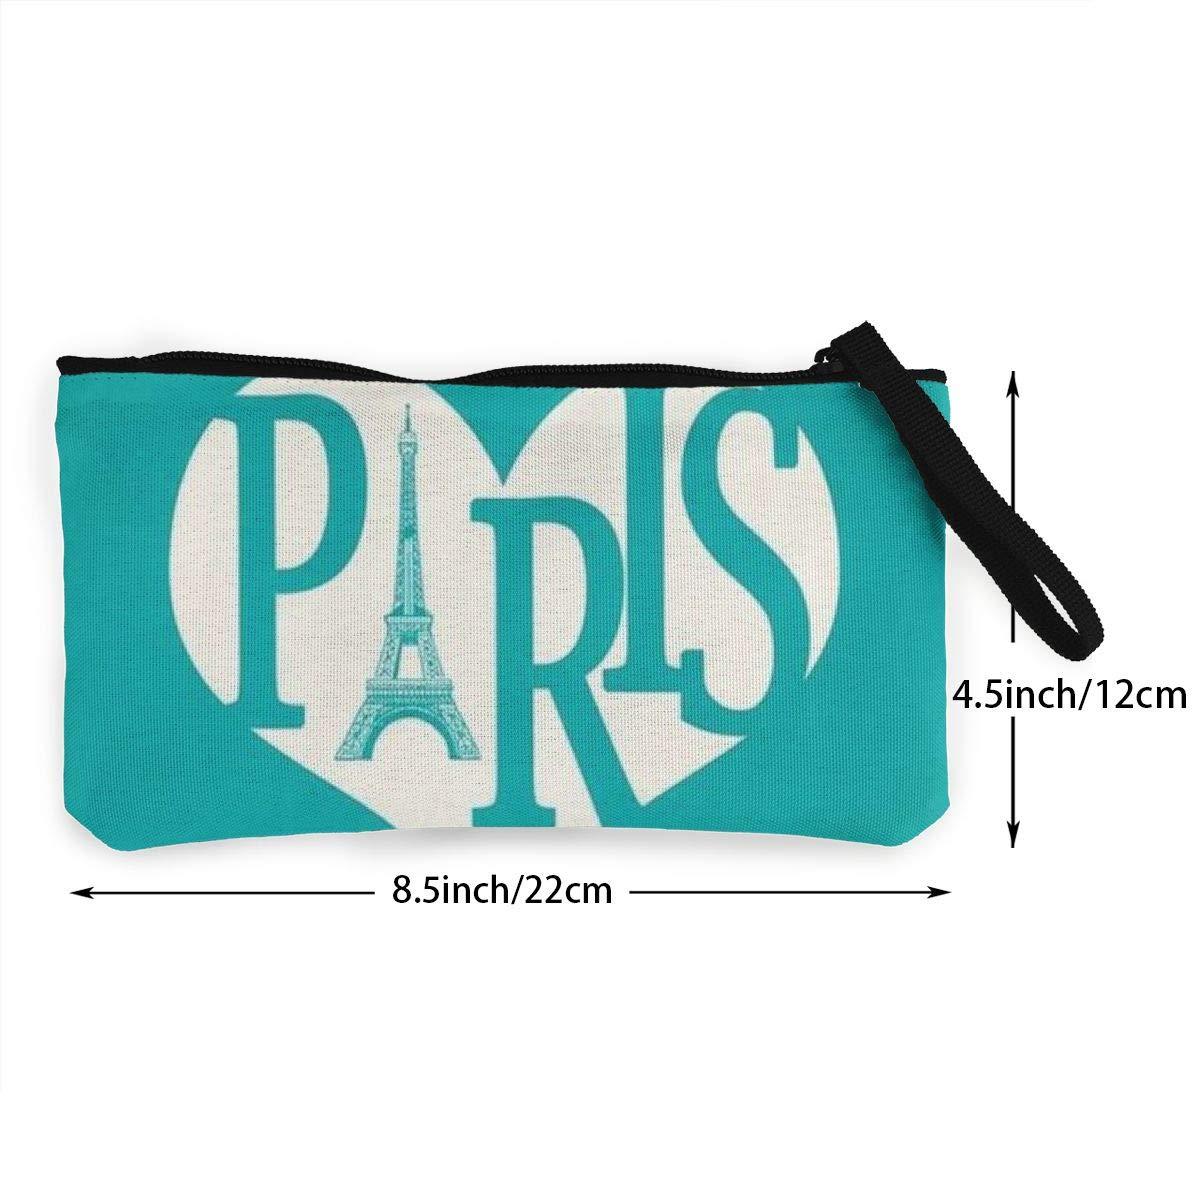 YUANSHAN Paris Unisex Canvas Coin Purse Change Cash Bag Zipper Small Purse Wallets with Handle